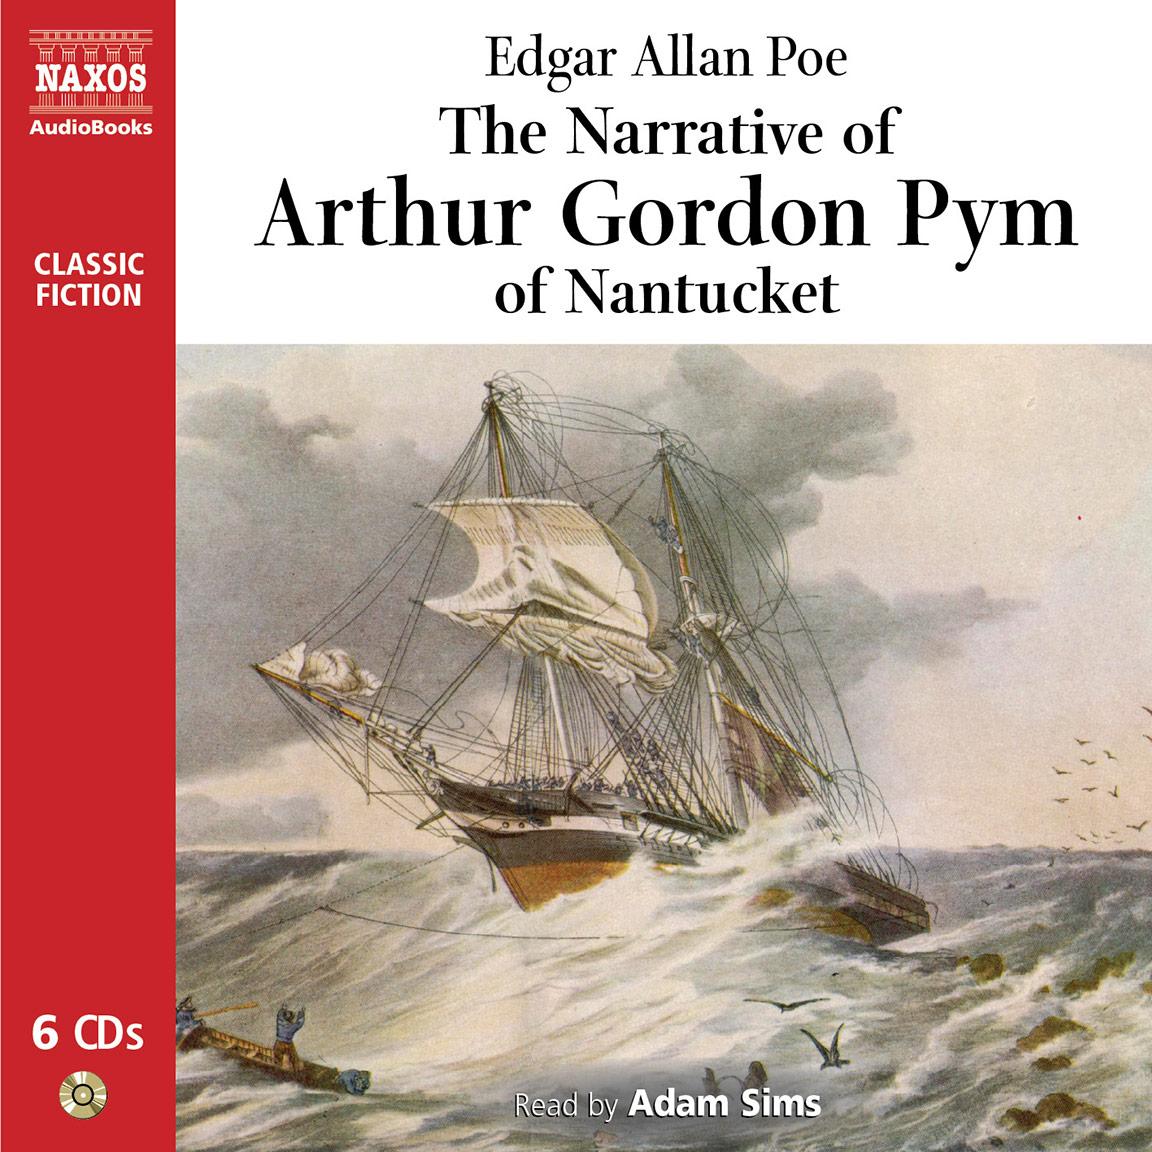 Narrative of Arthur Gordon Pym